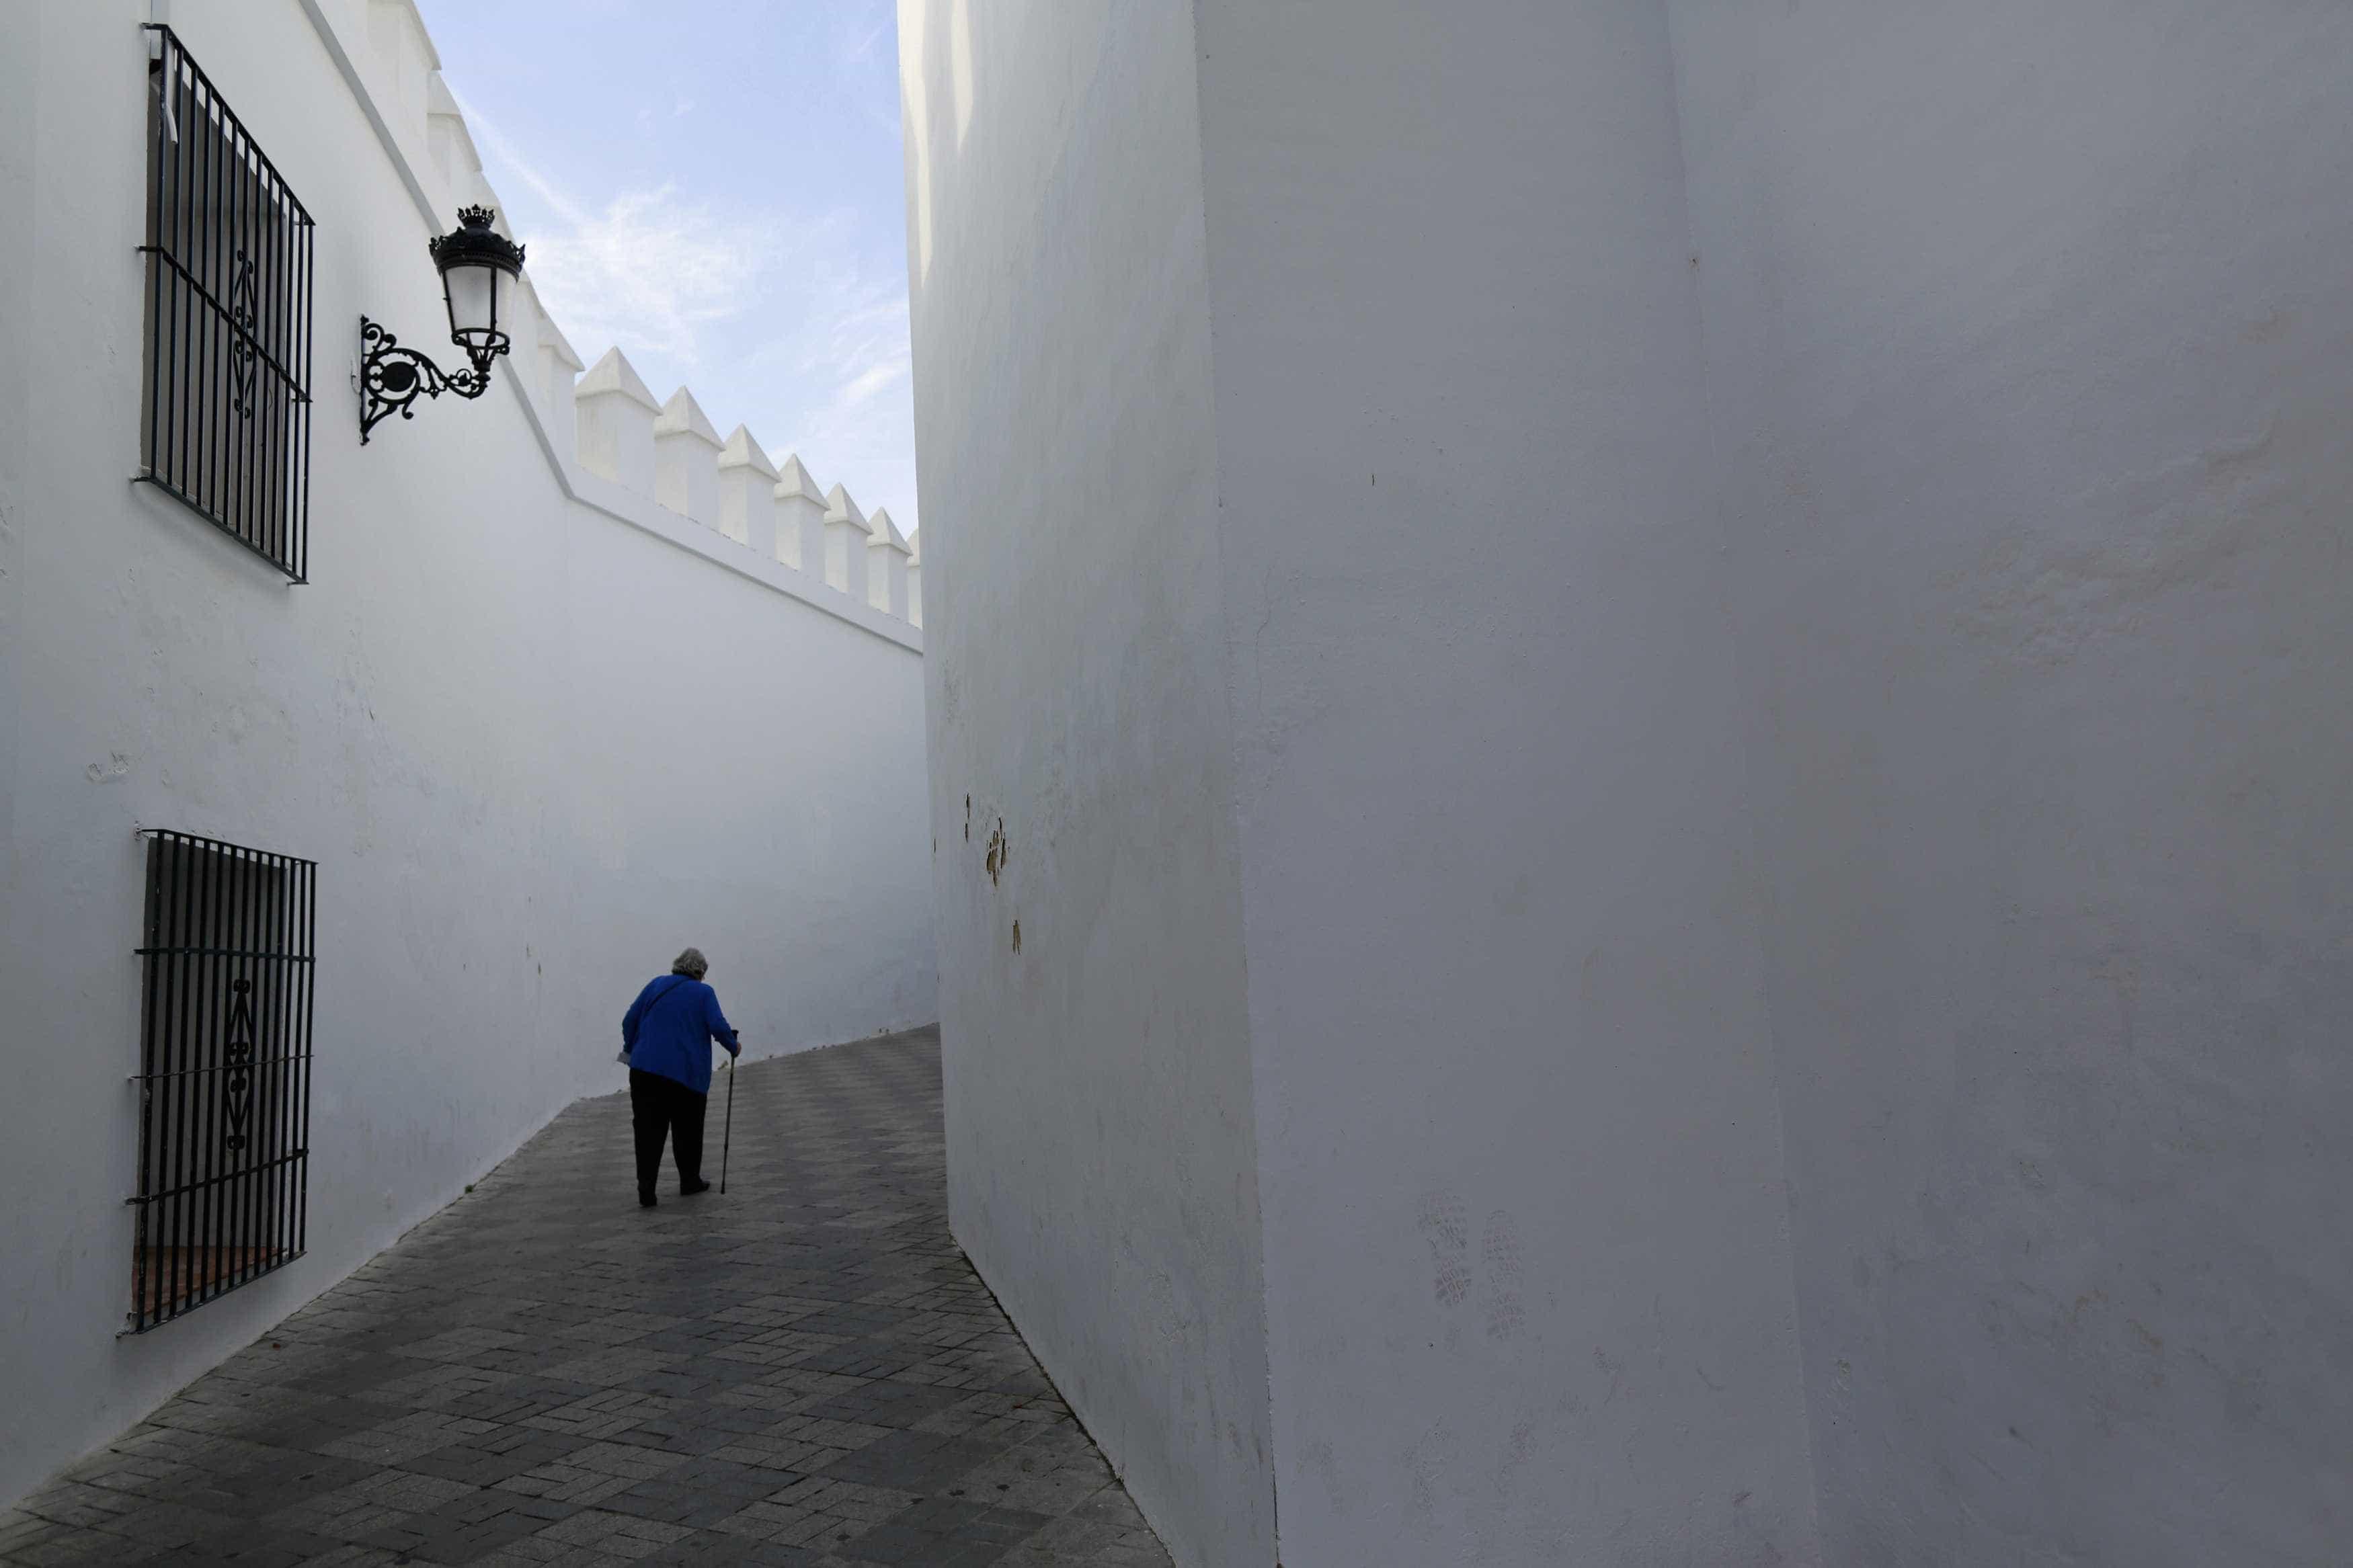 Aumentar idade da reforma para garantir sustentabilidade das pensões?